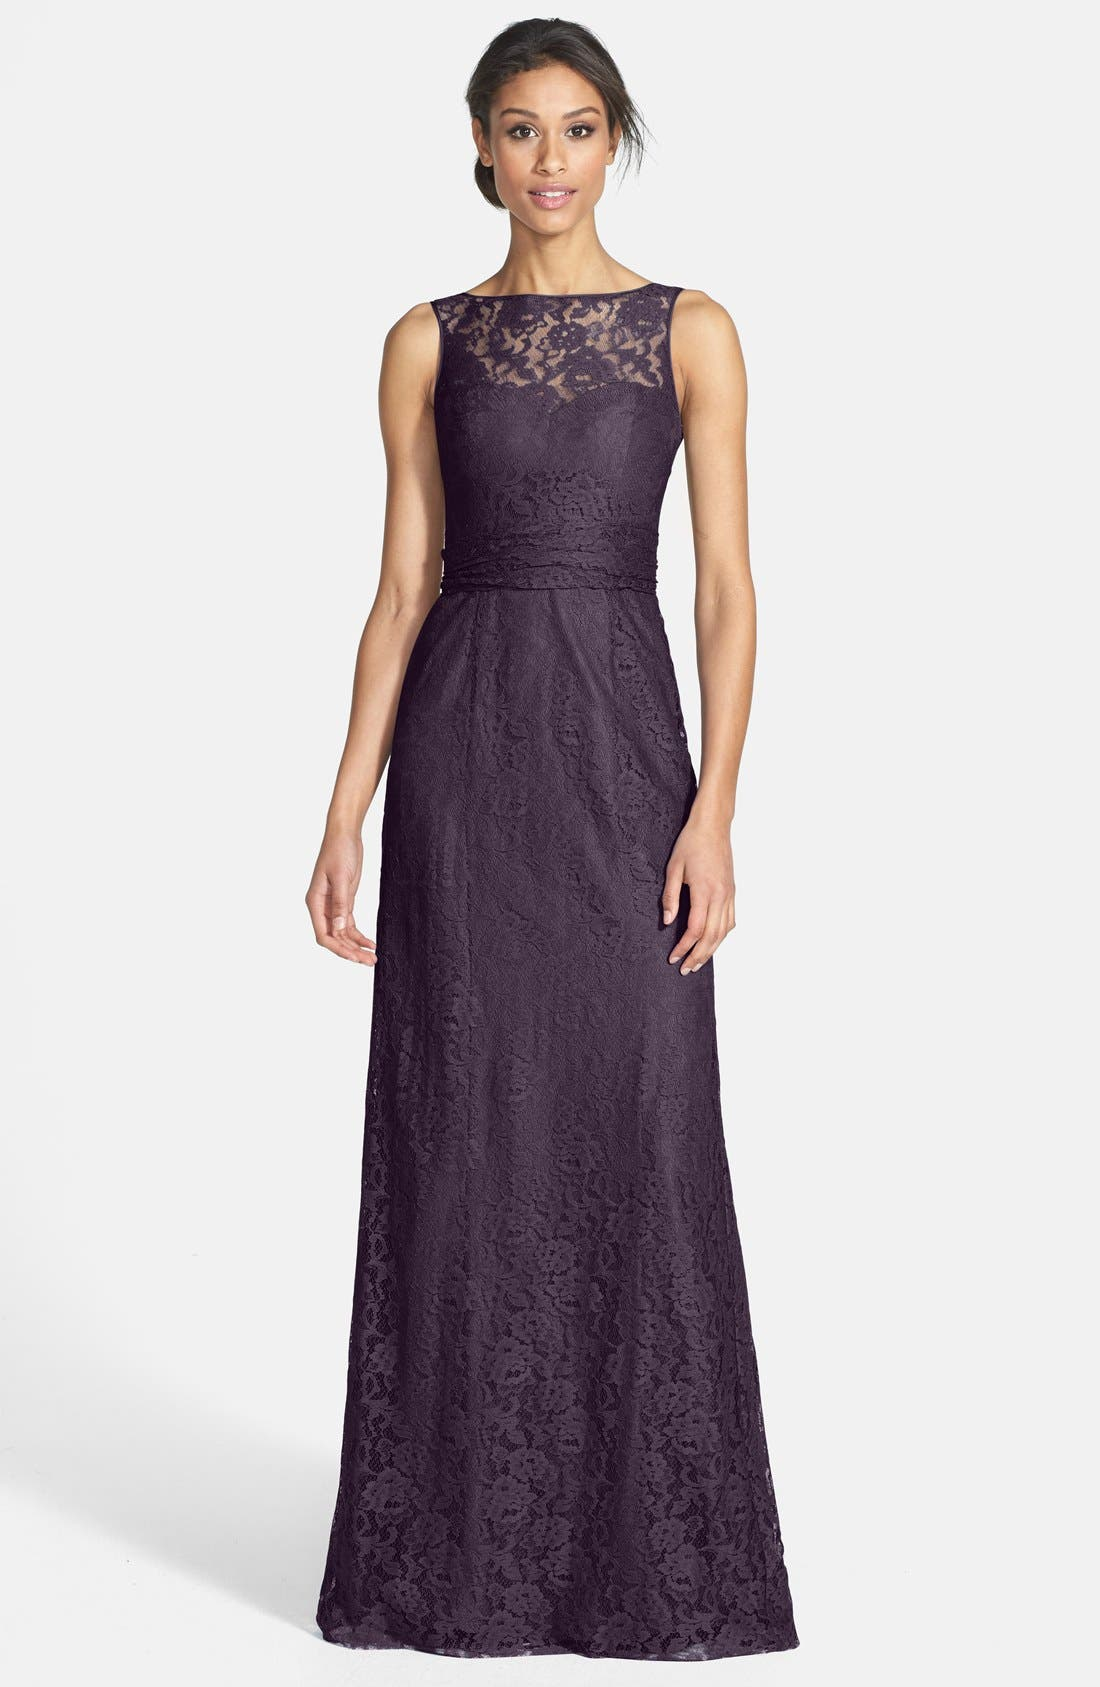 AMSALE Illusion Yoke Lace Gown in Raisin